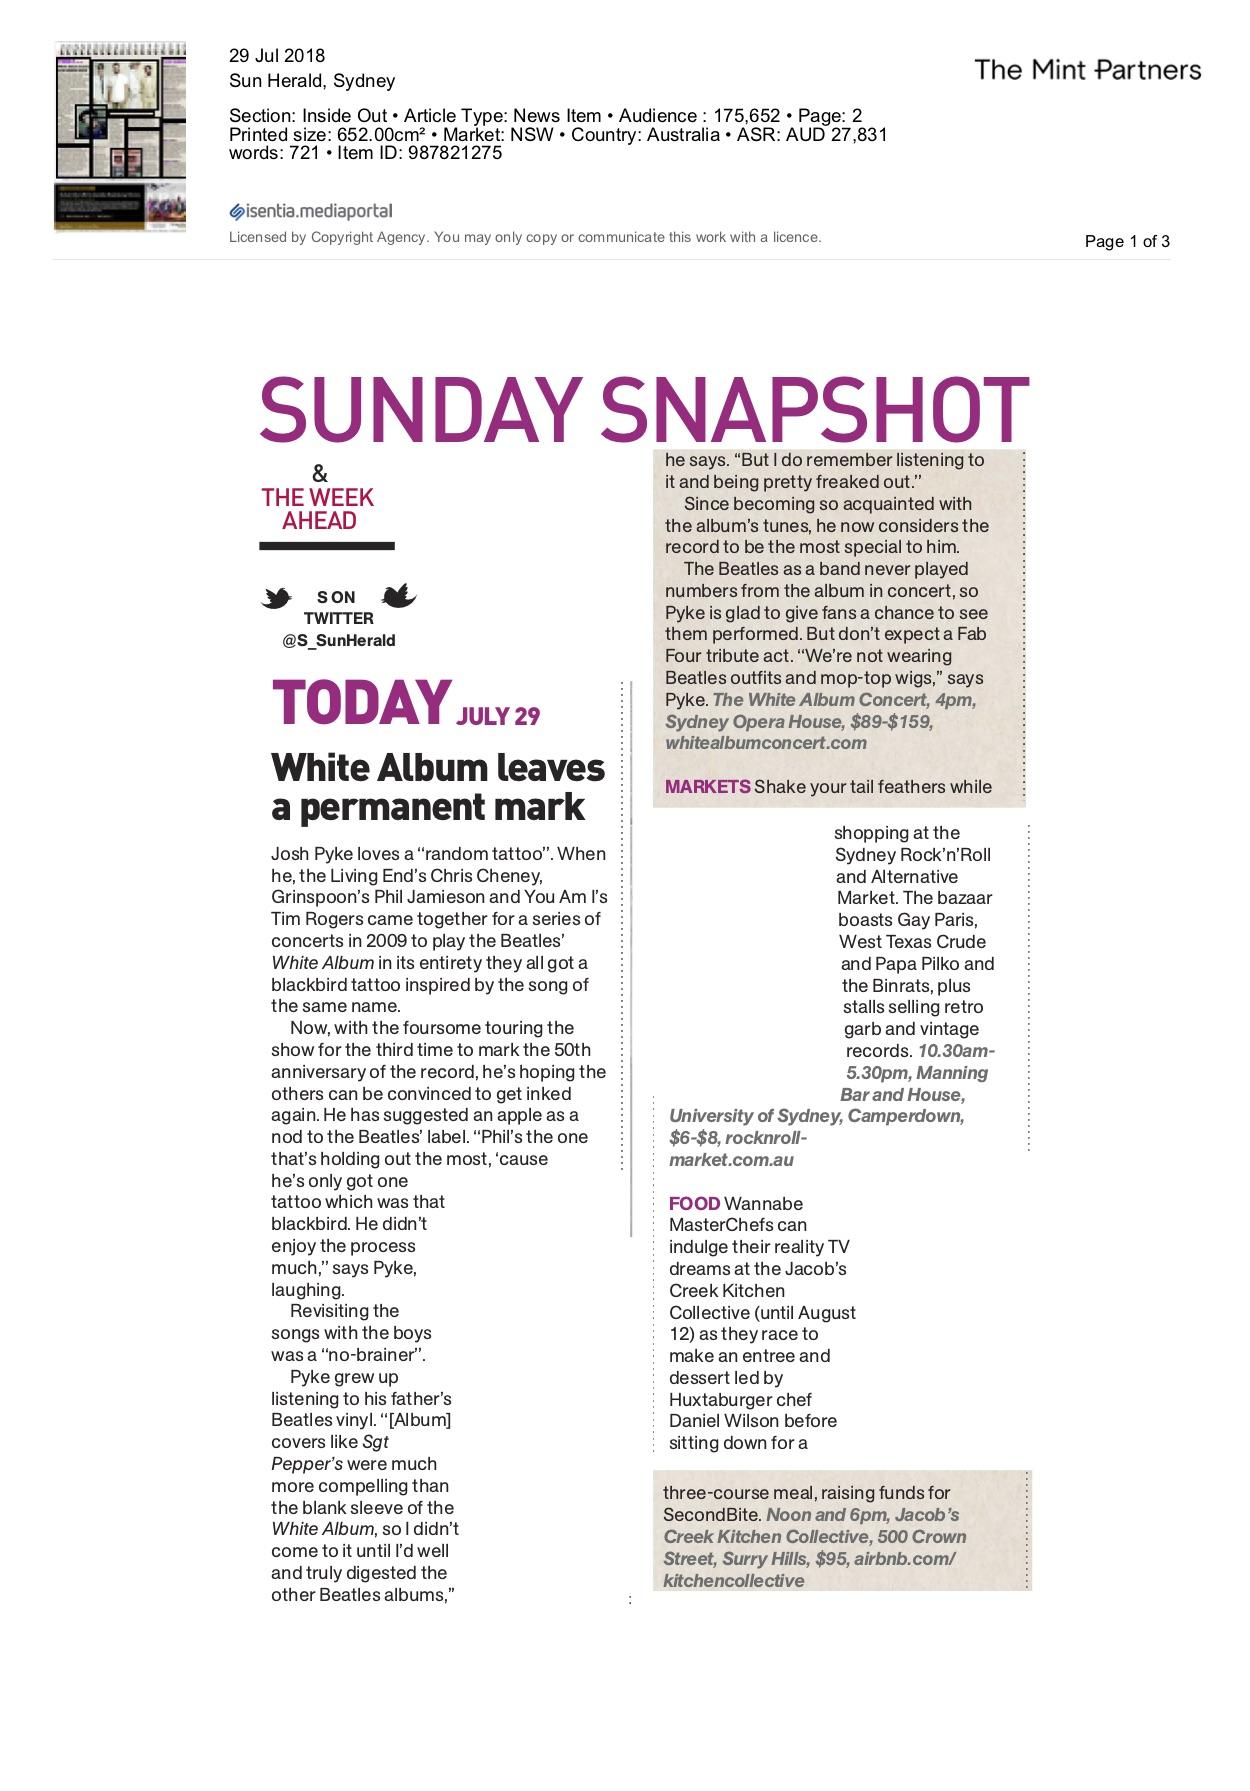 20180729 Sun Herald.jpg